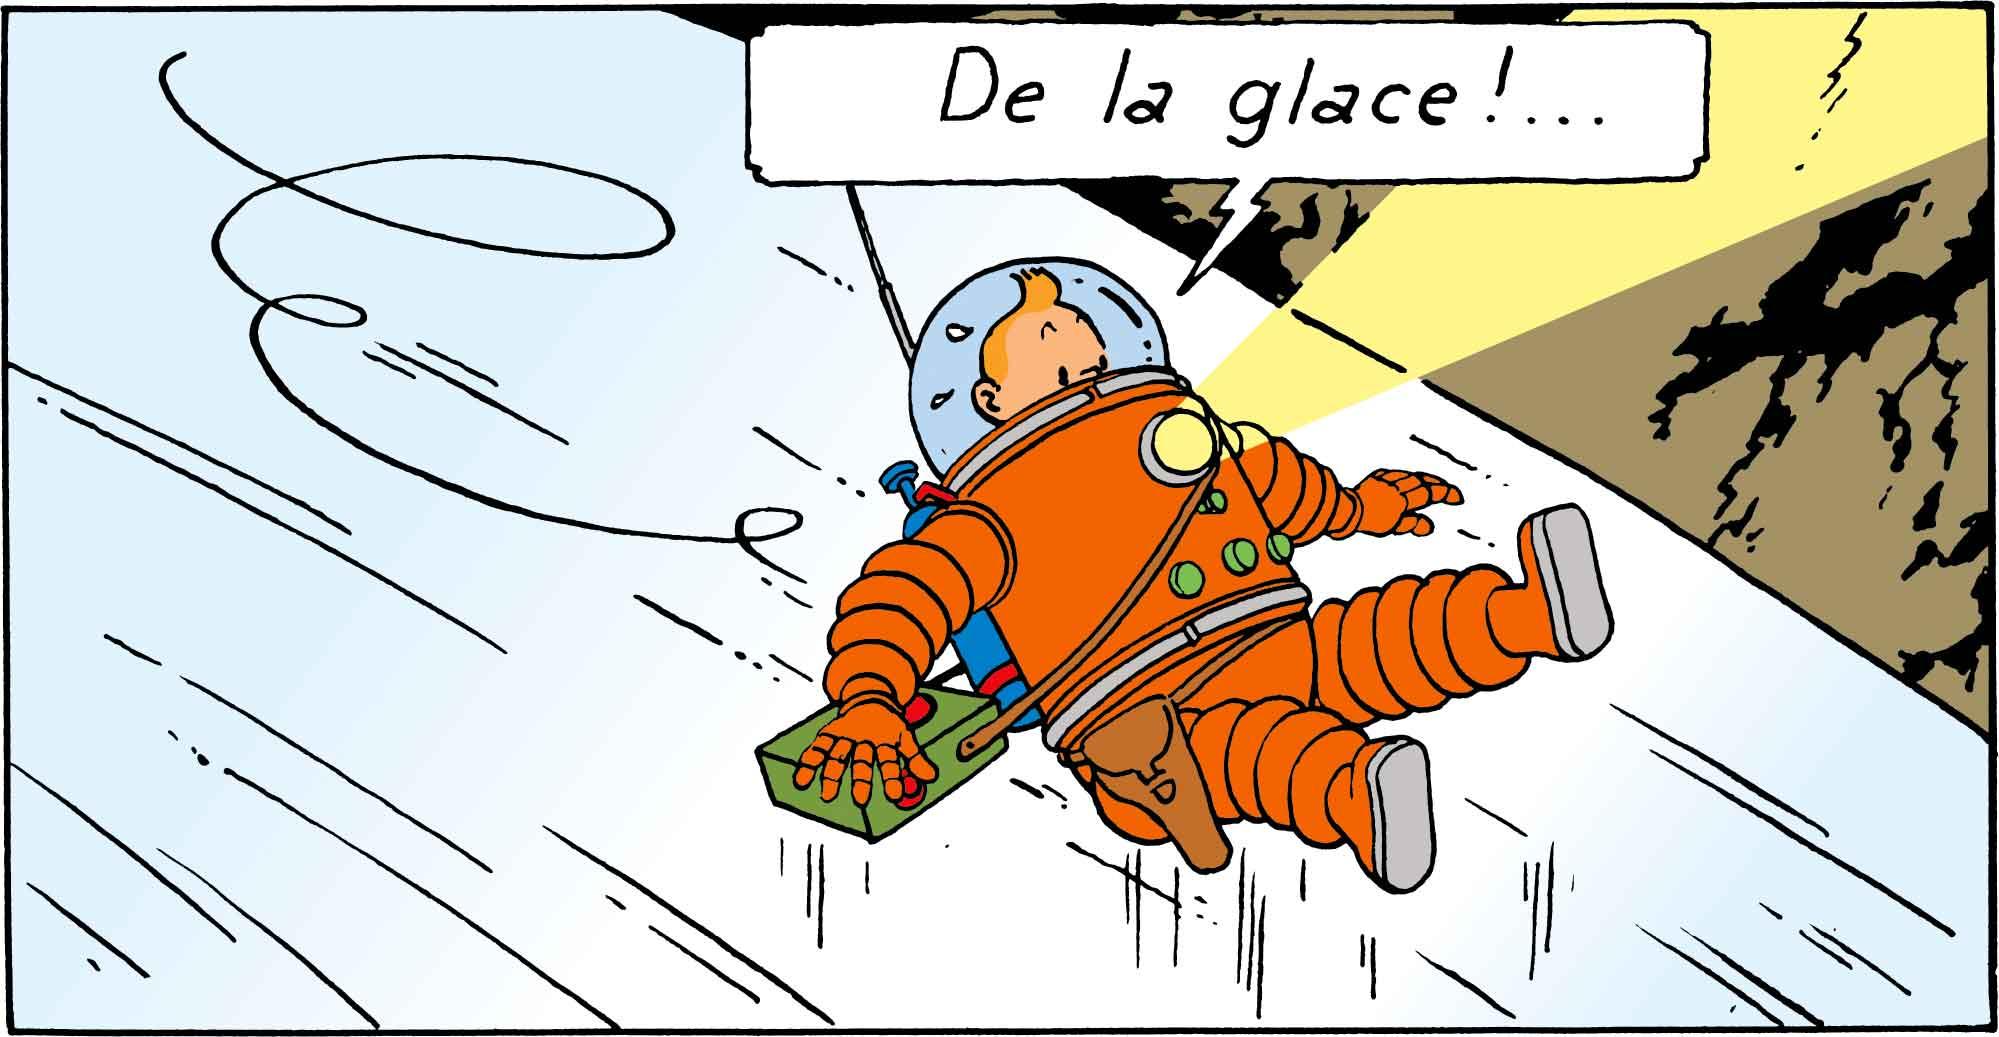 Tintin - Les Aventures de Tintin - On a marché sur la Lune - Glace sur la Lune